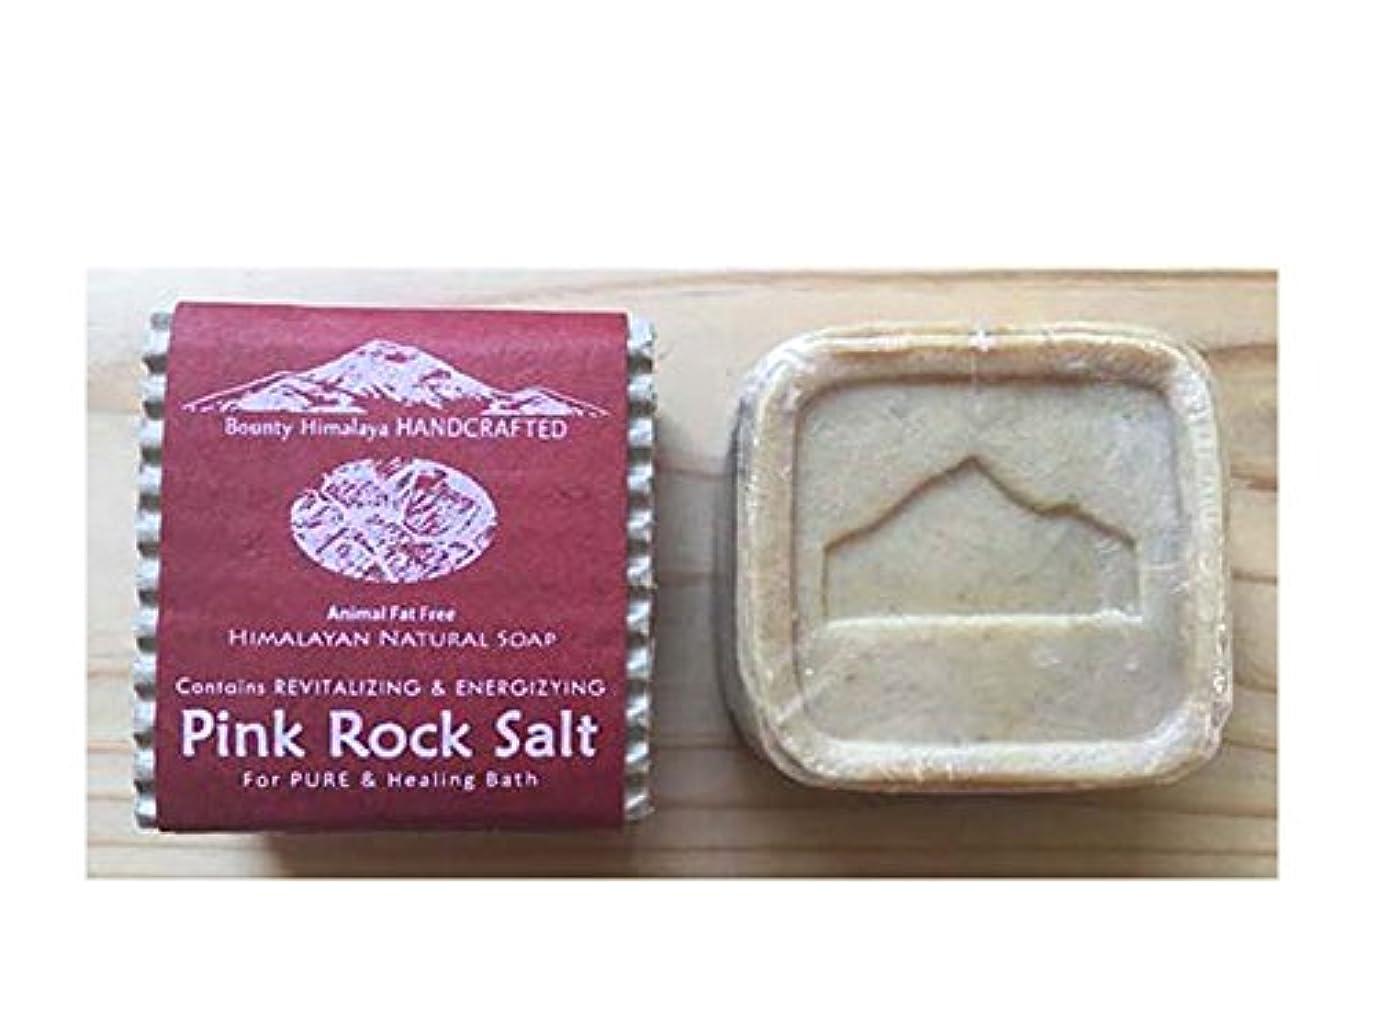 コンパススカープ最大のアーユルヴェーダ ヒマラヤ?ロッキーソープ(ピンクロックソルトソープ) Bounty Himalaya Pink Rock Salt SOAP(NEPAL AYURVEDA) 100g